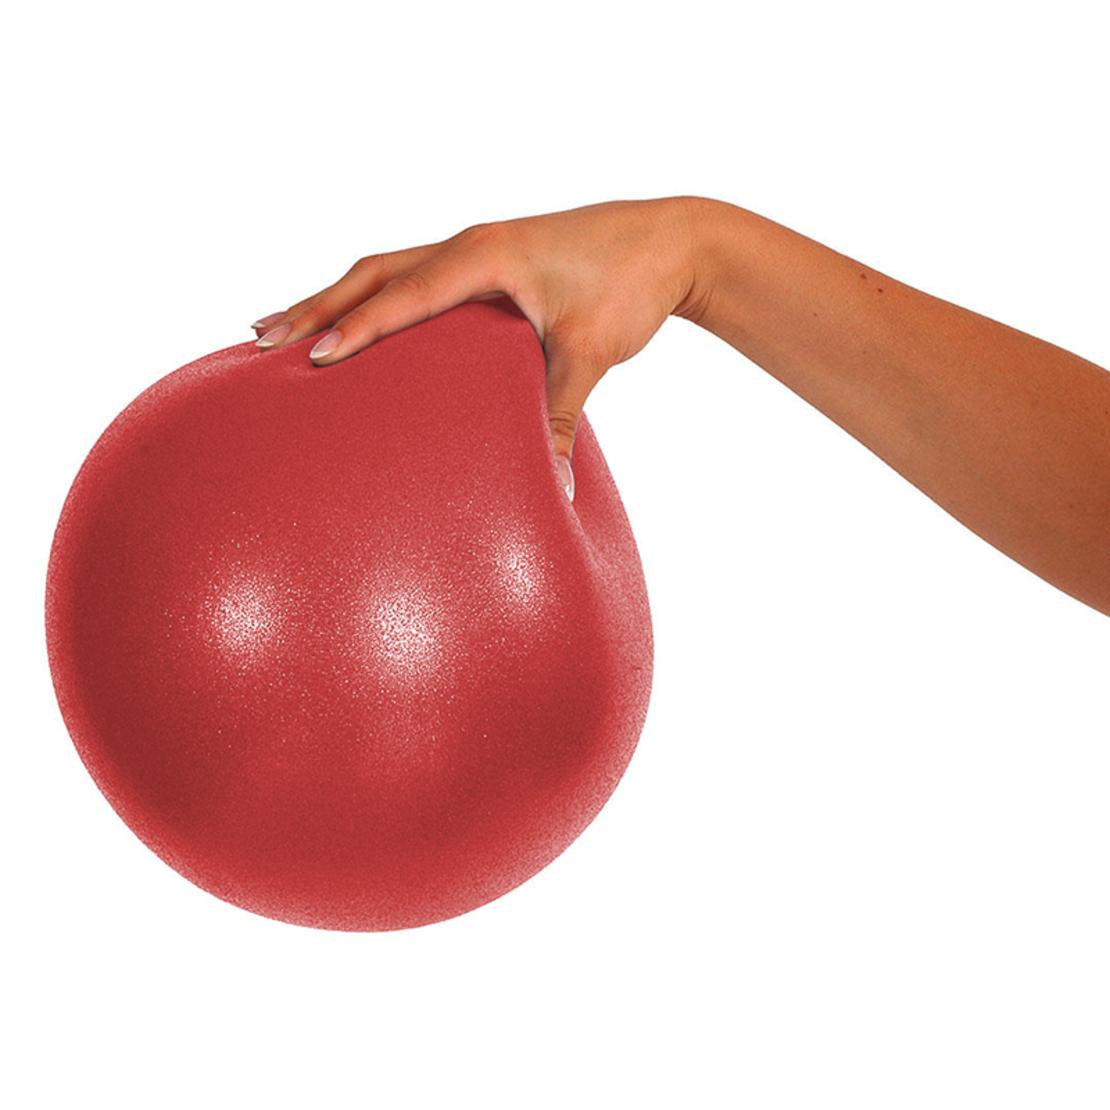 כדור אובר בול Over Ball